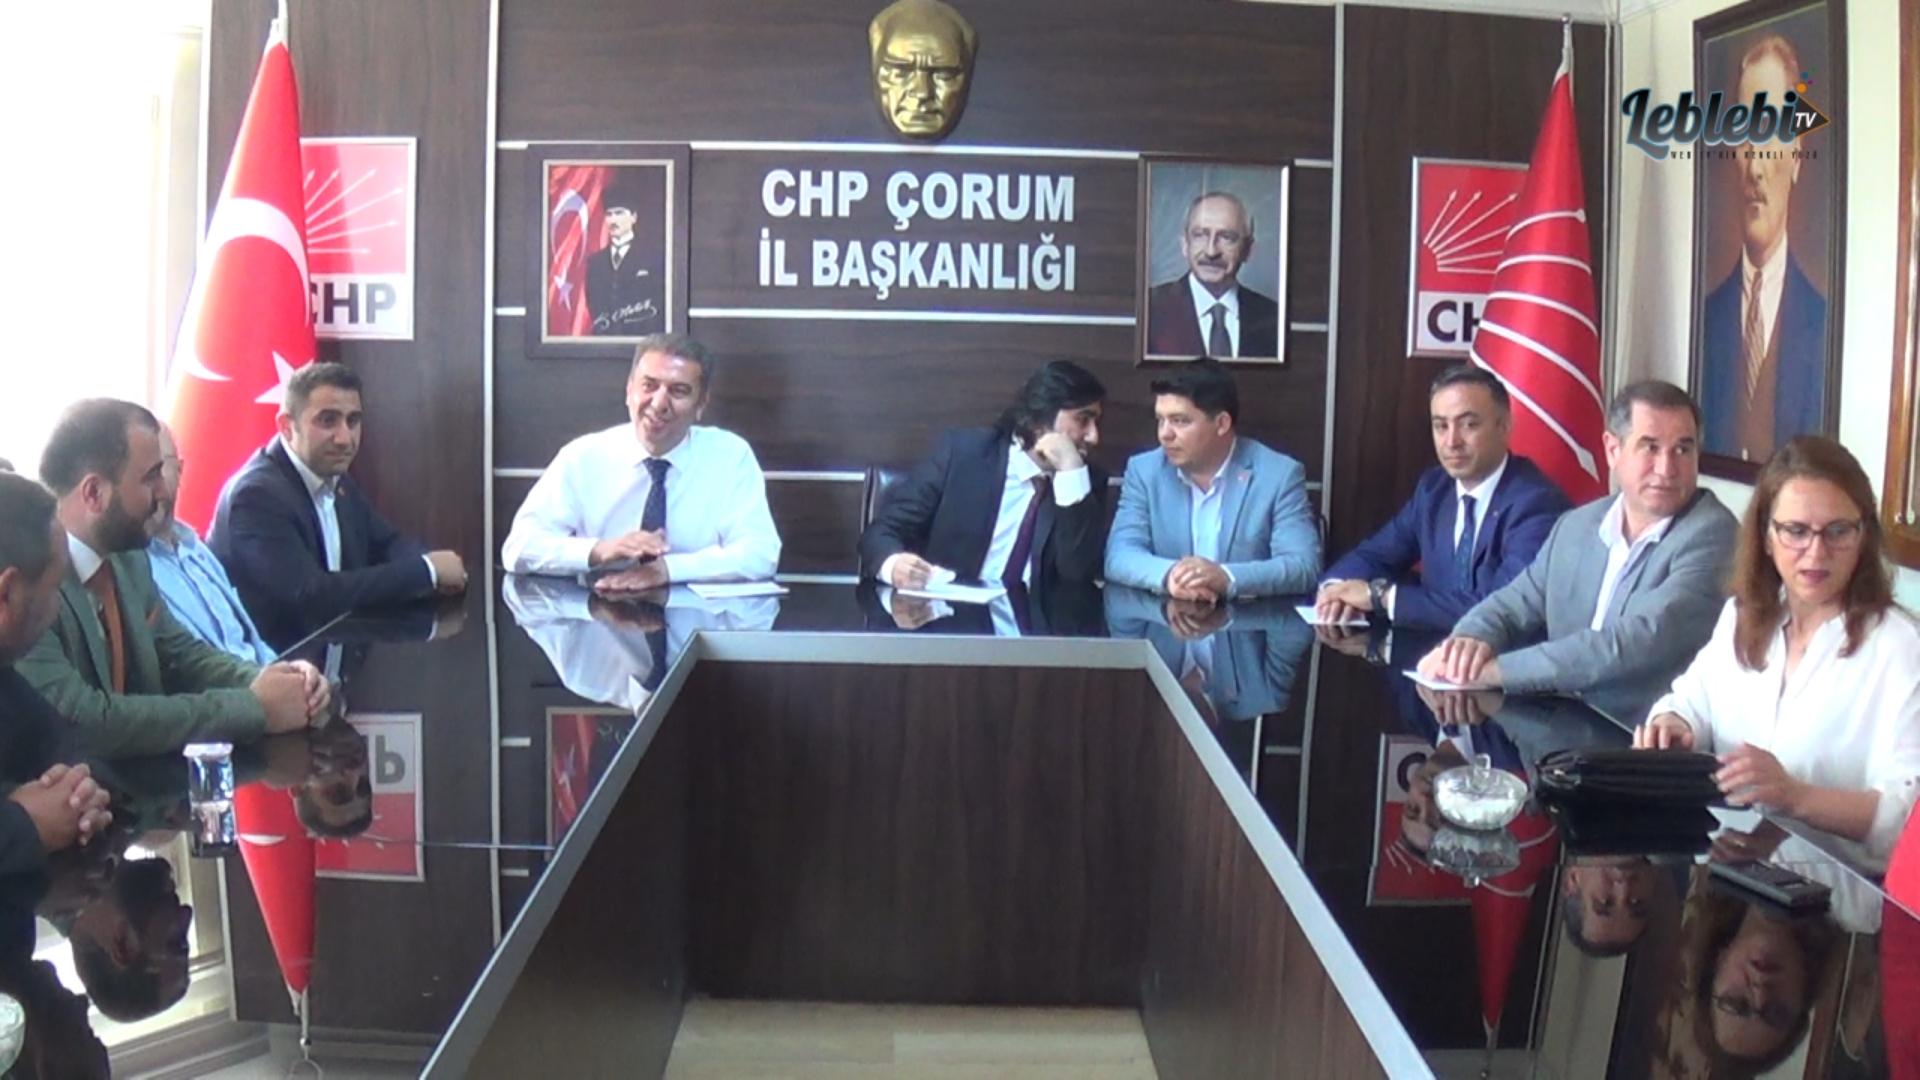 SAADET'TEN CHP'YE BAYRAM ZİYARETİ